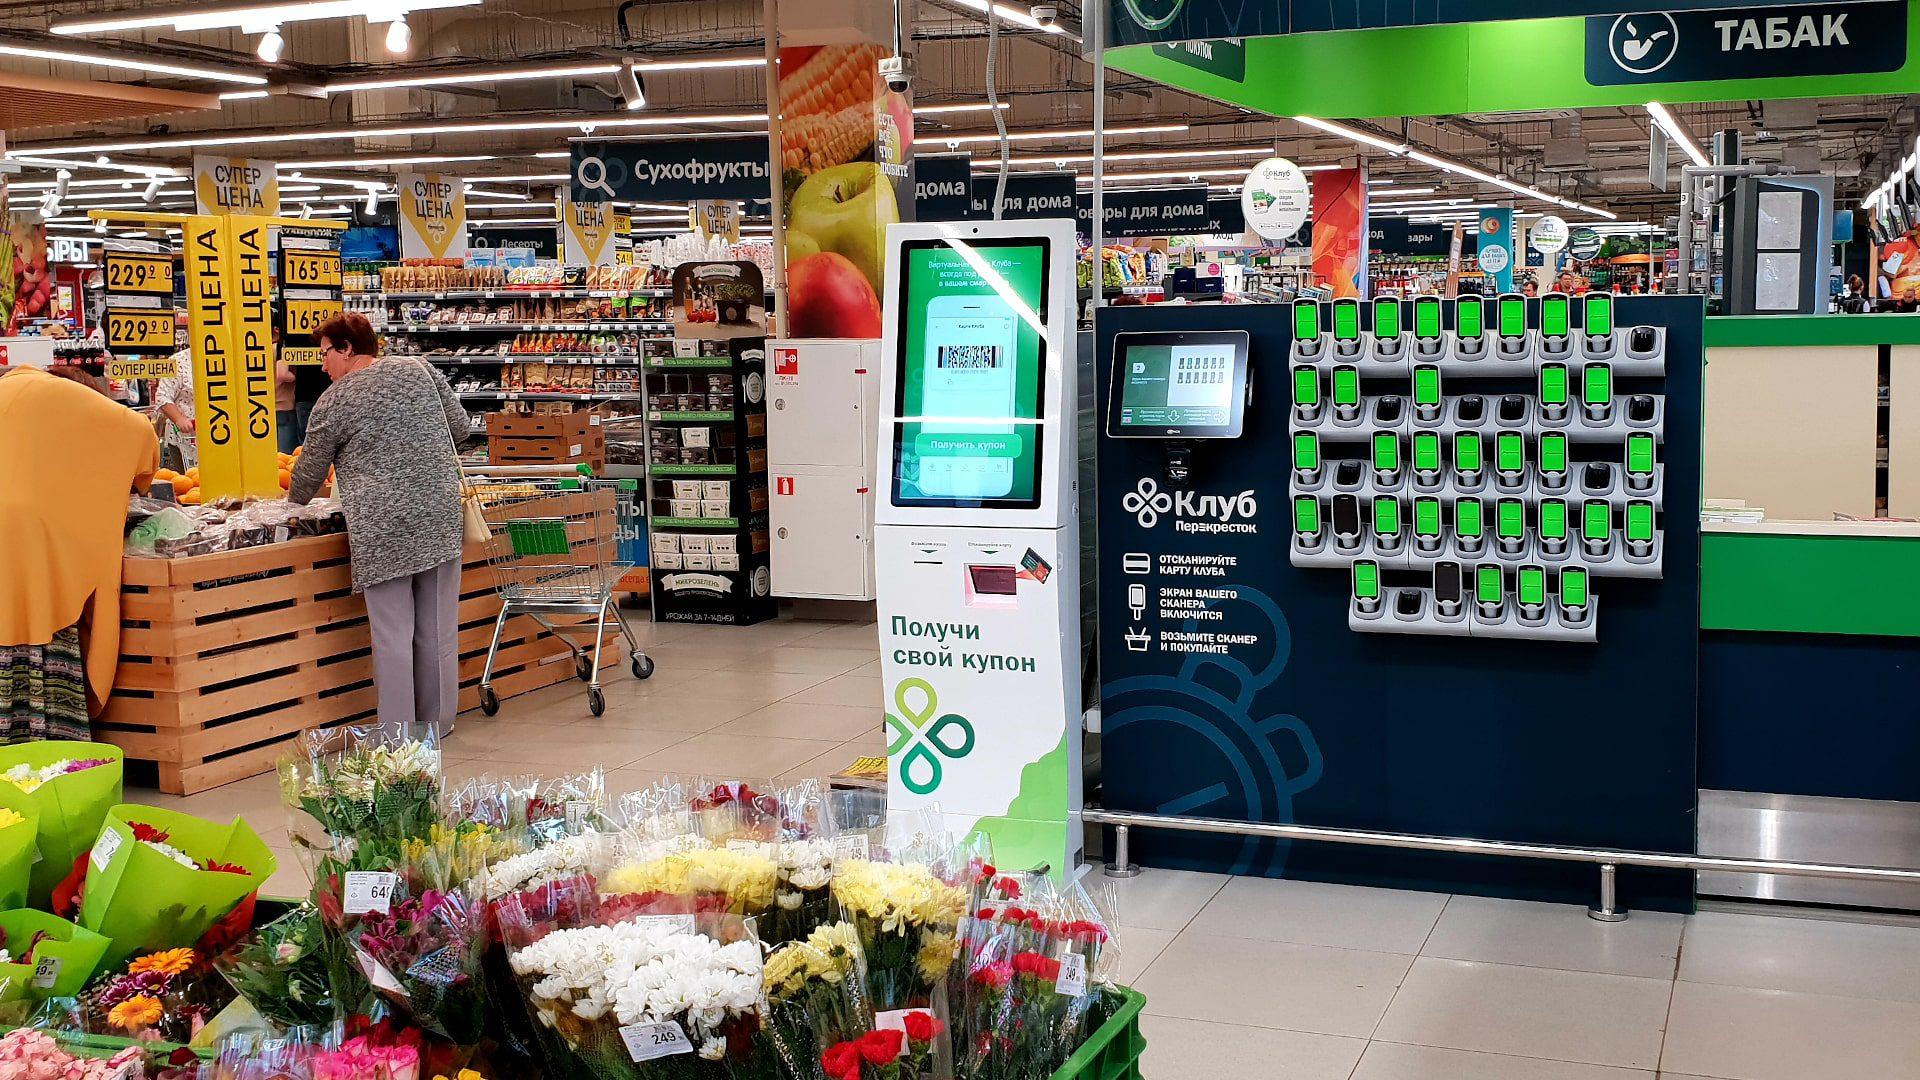 Терминалы для взаимодействия с покупателями